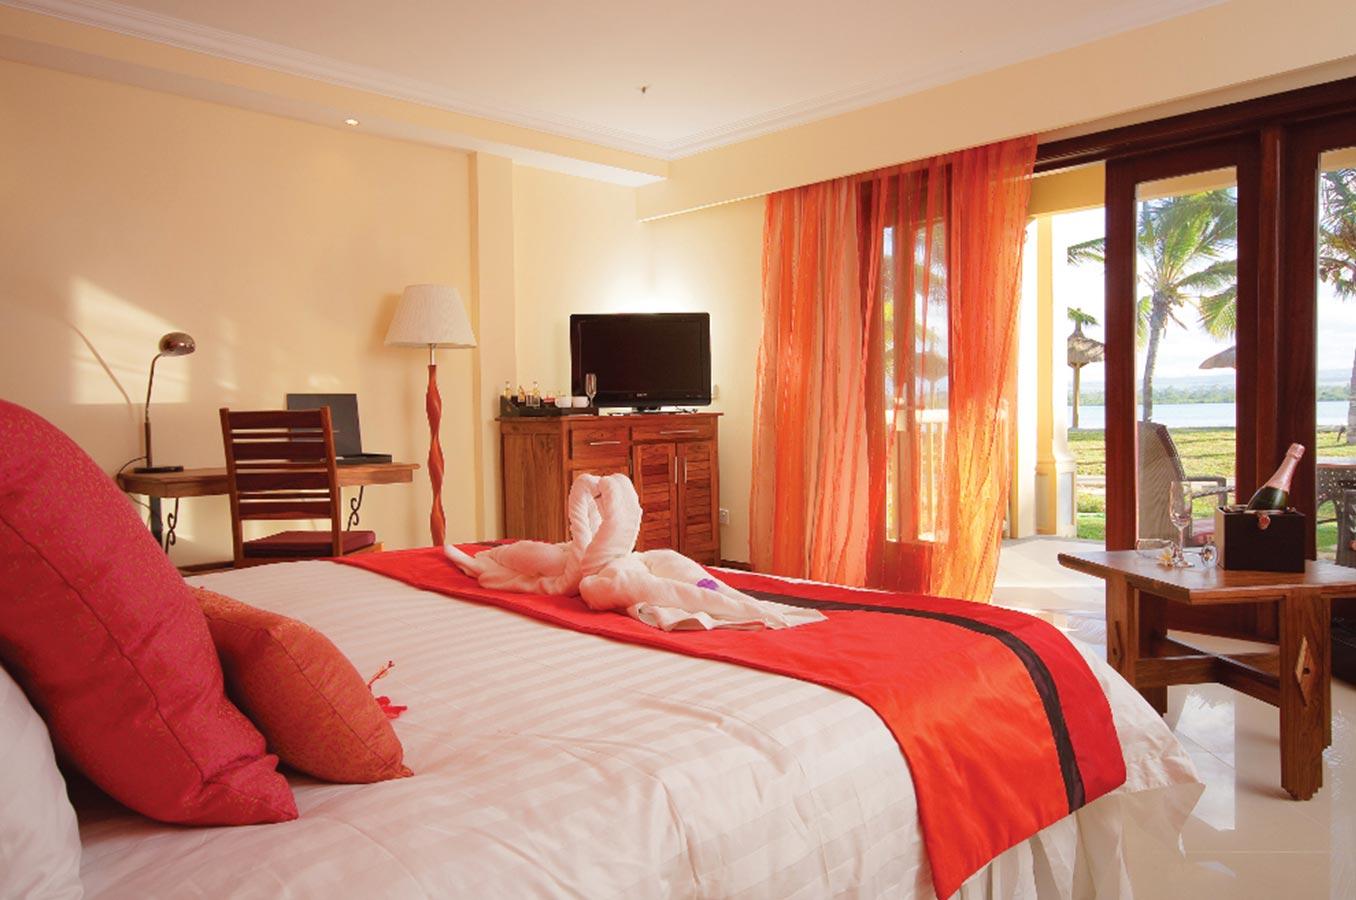 palmier-tour-agence-de-voyages-hotel-room-3